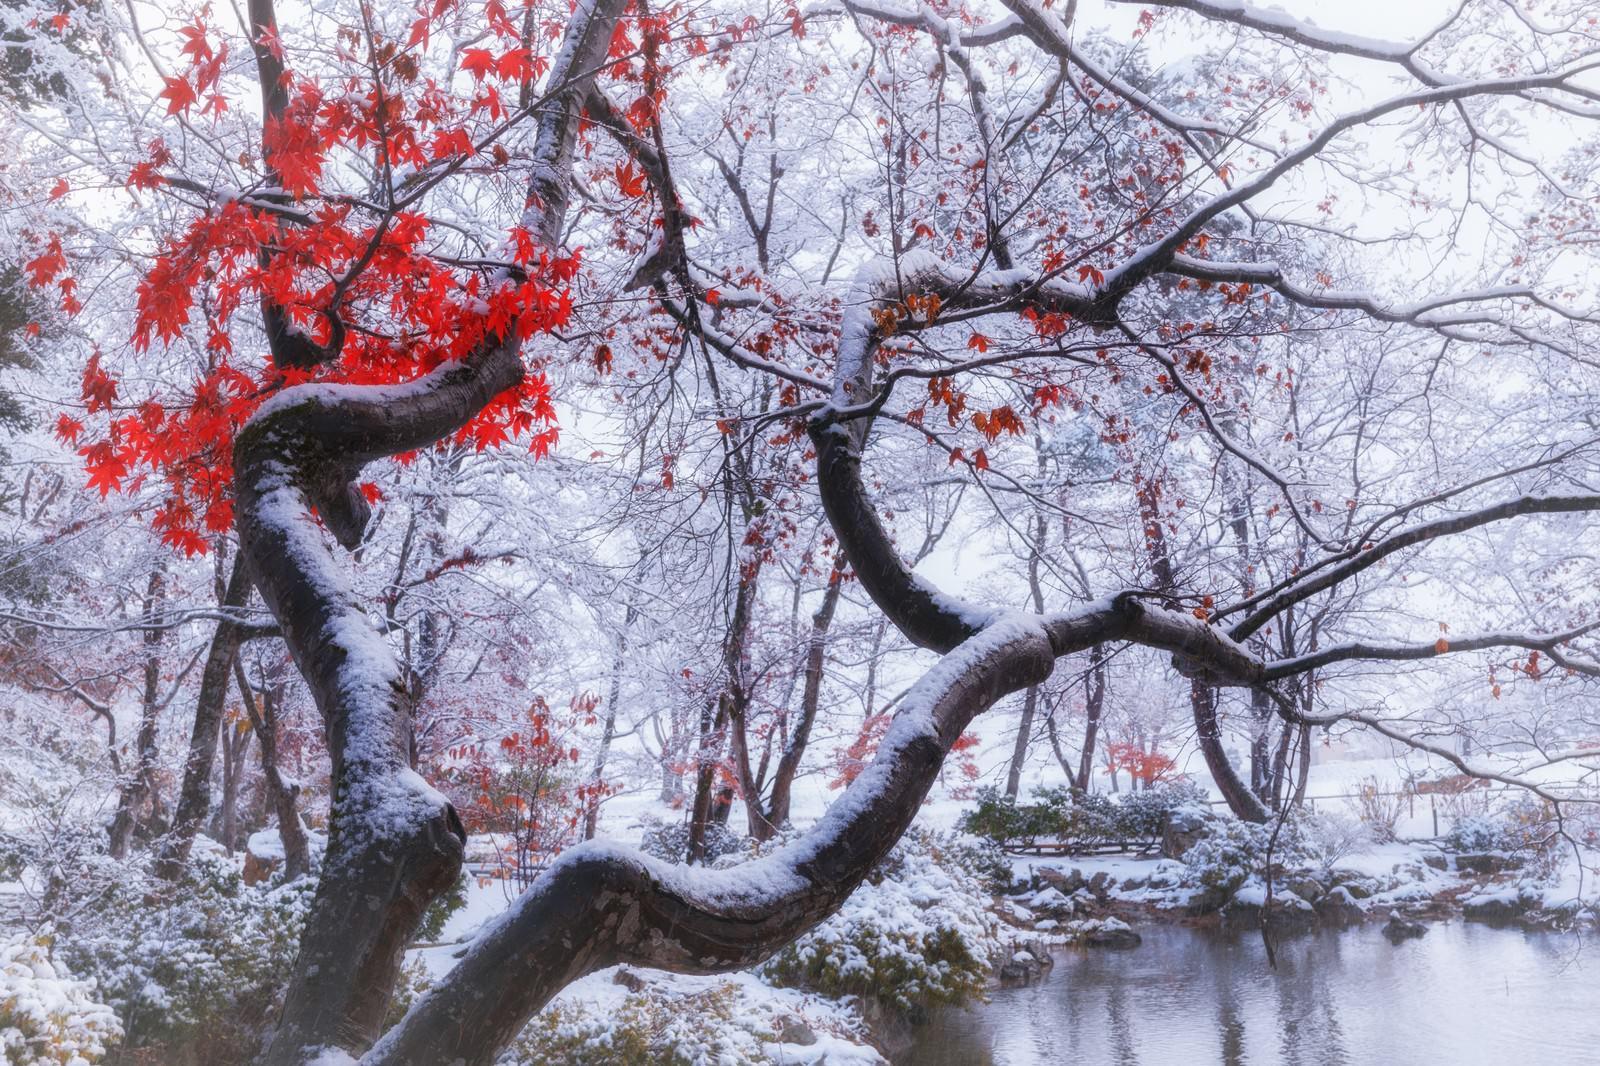 「雪が降った晩秋の庭園」の写真